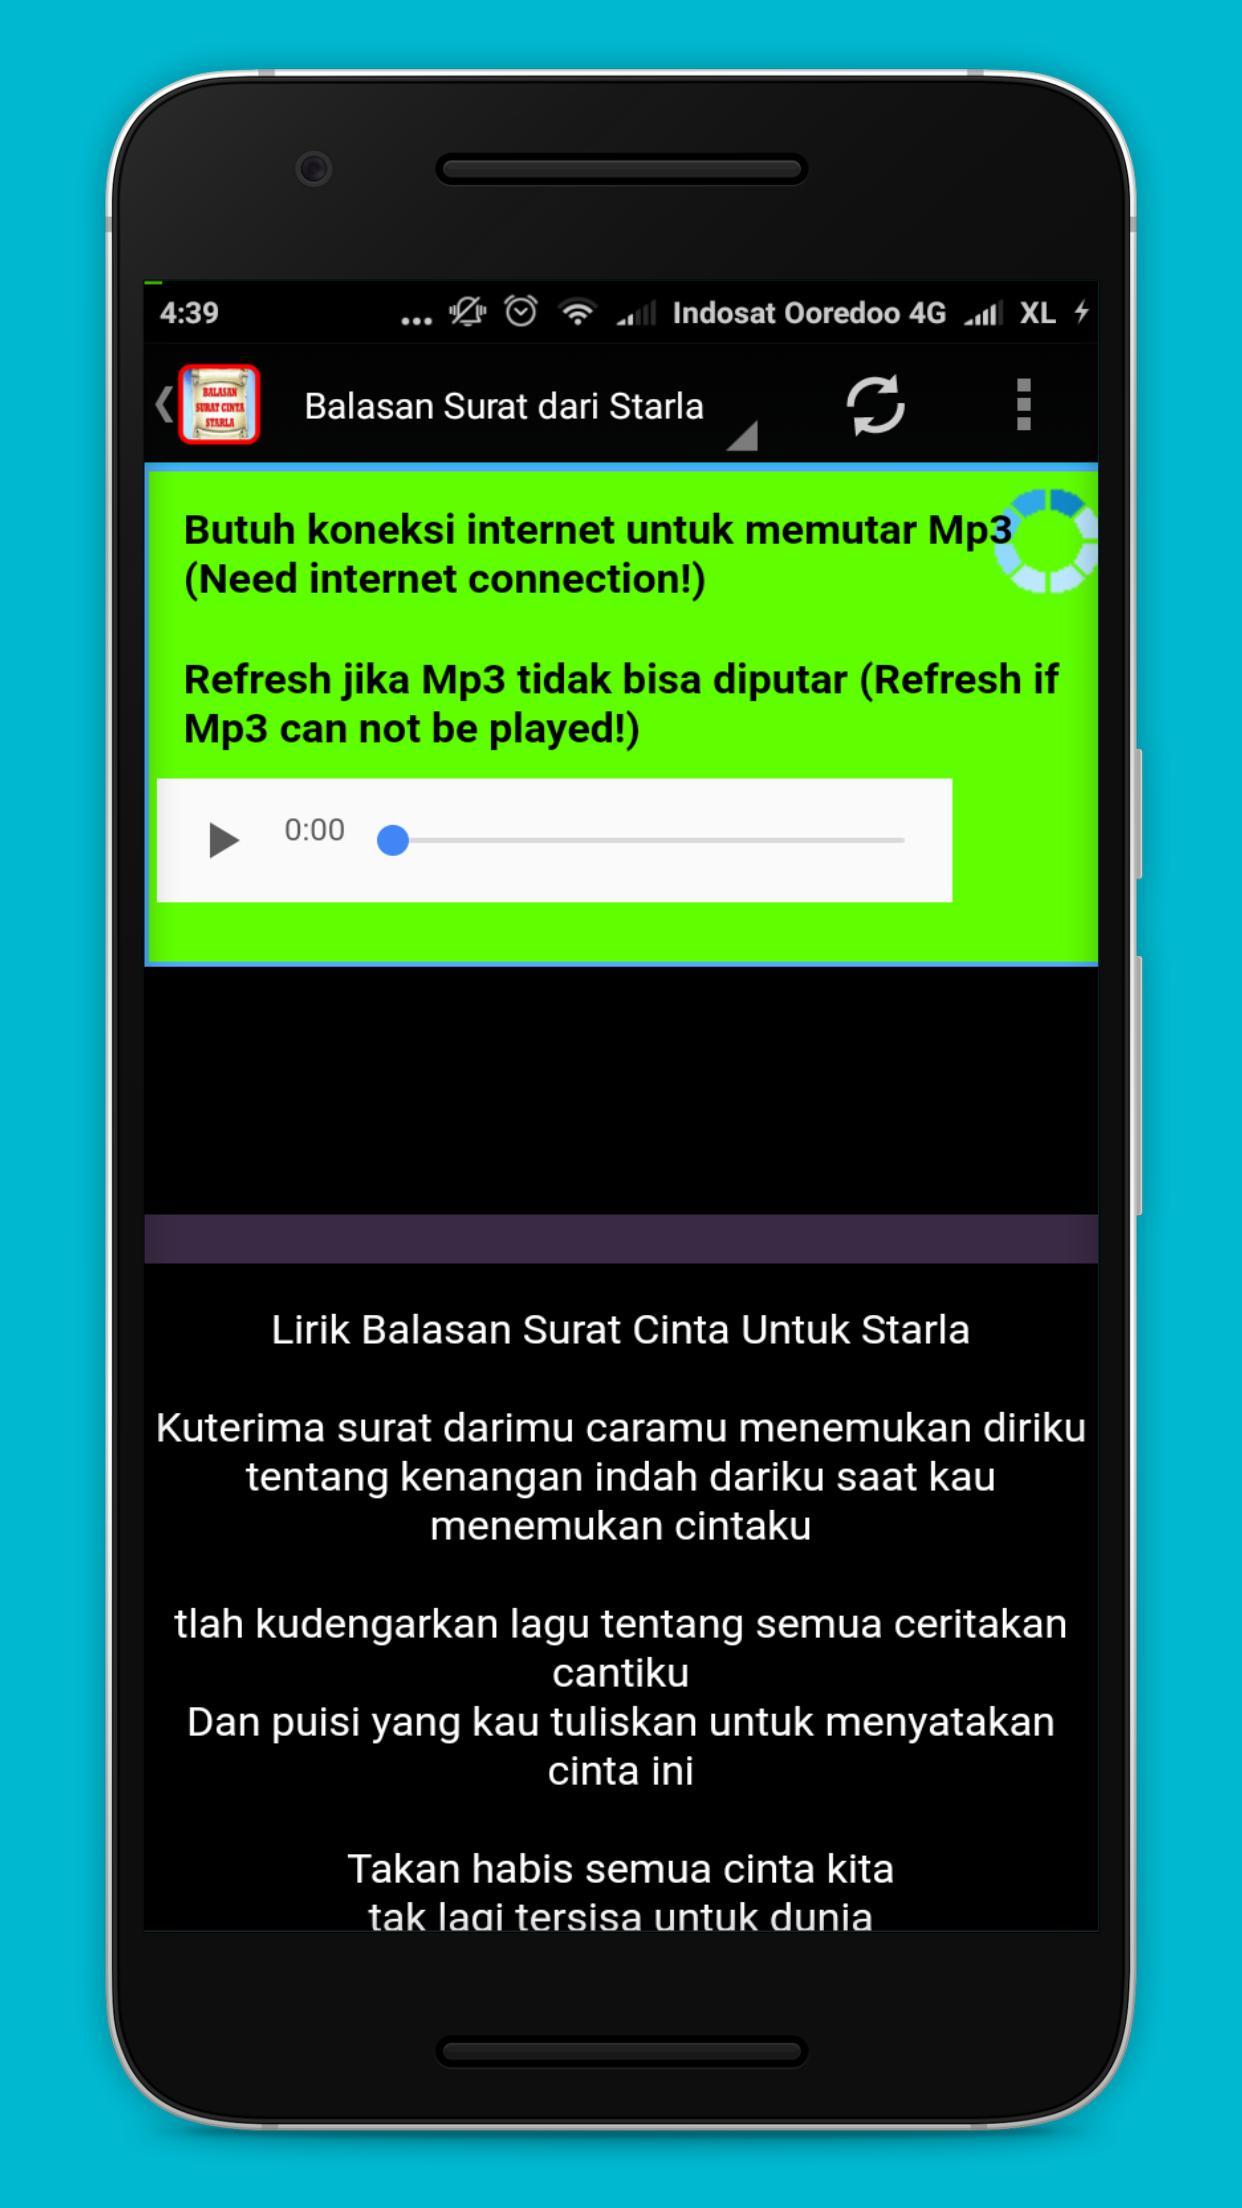 Lagu Surat Balasan Dari Starla For Android Apk Download